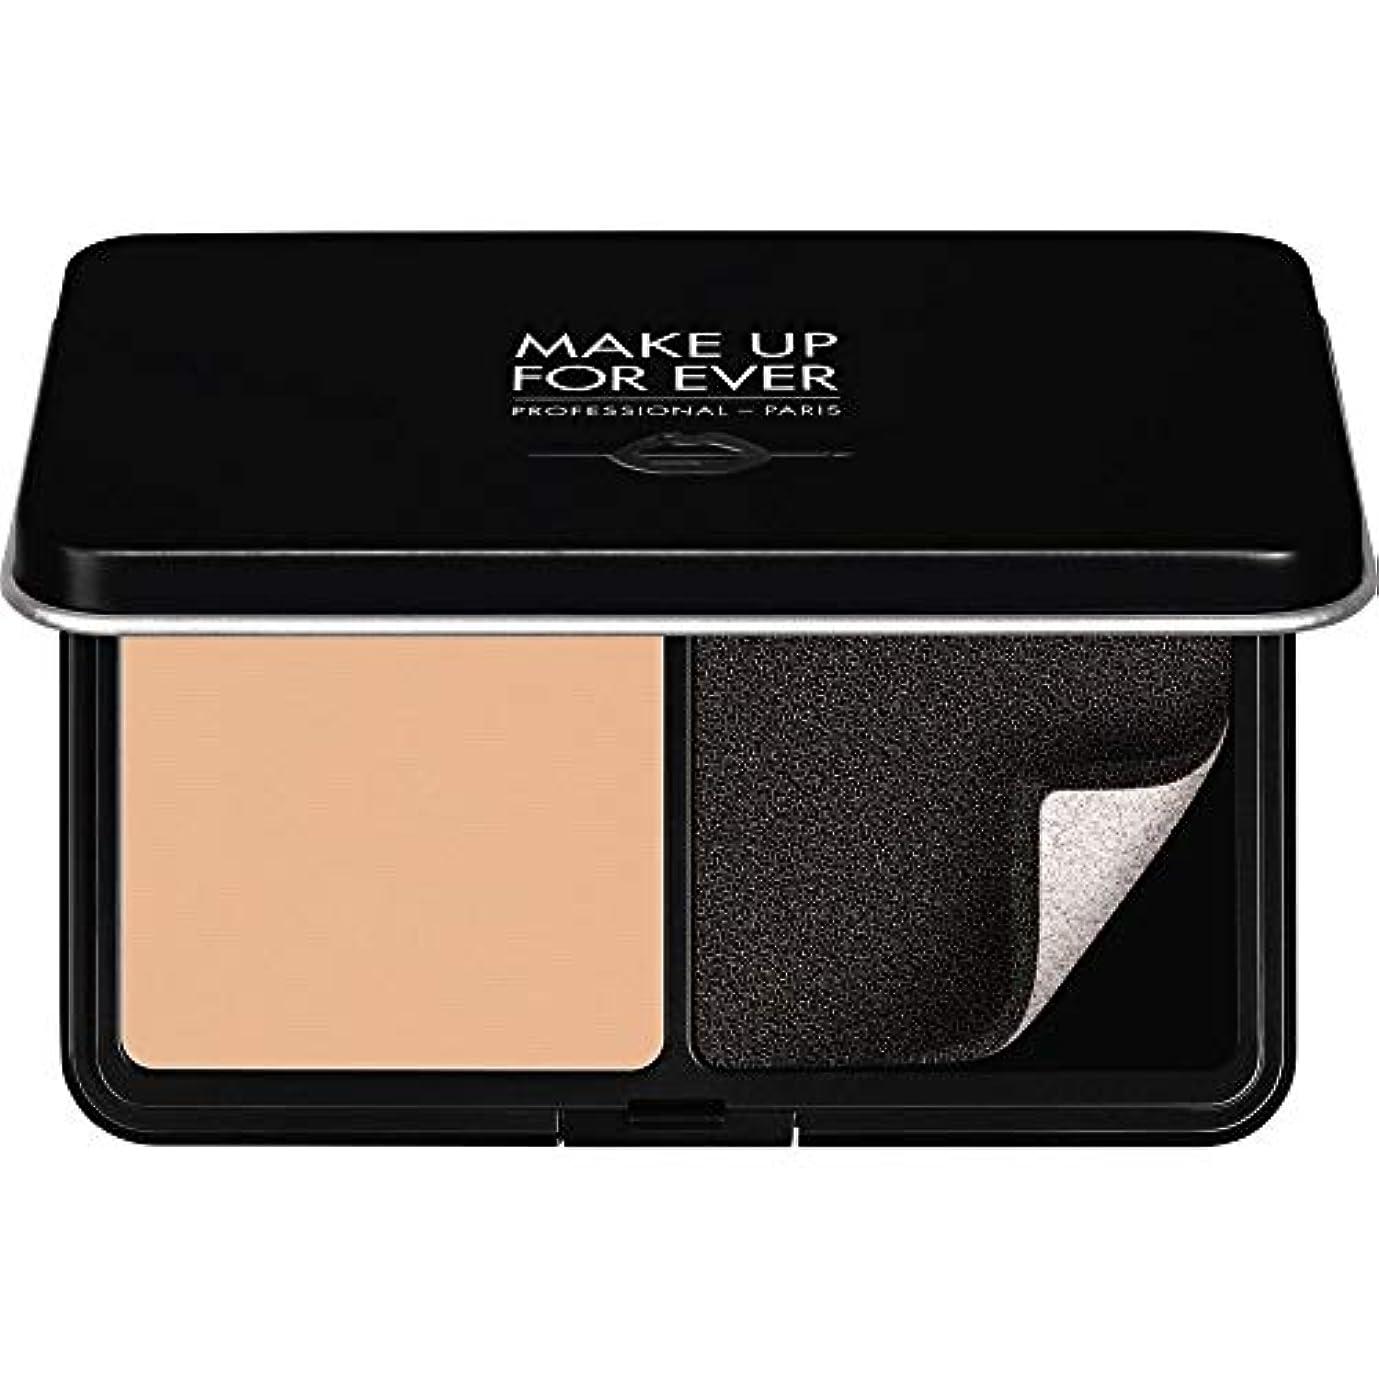 ロマンス予備第三[MAKE UP FOR EVER ] パウダーファンデーション11GののR230をぼかし、これまでマットベルベットの肌を補う - アイボリー - MAKE UP FOR EVER Matte Velvet Skin Blurring...